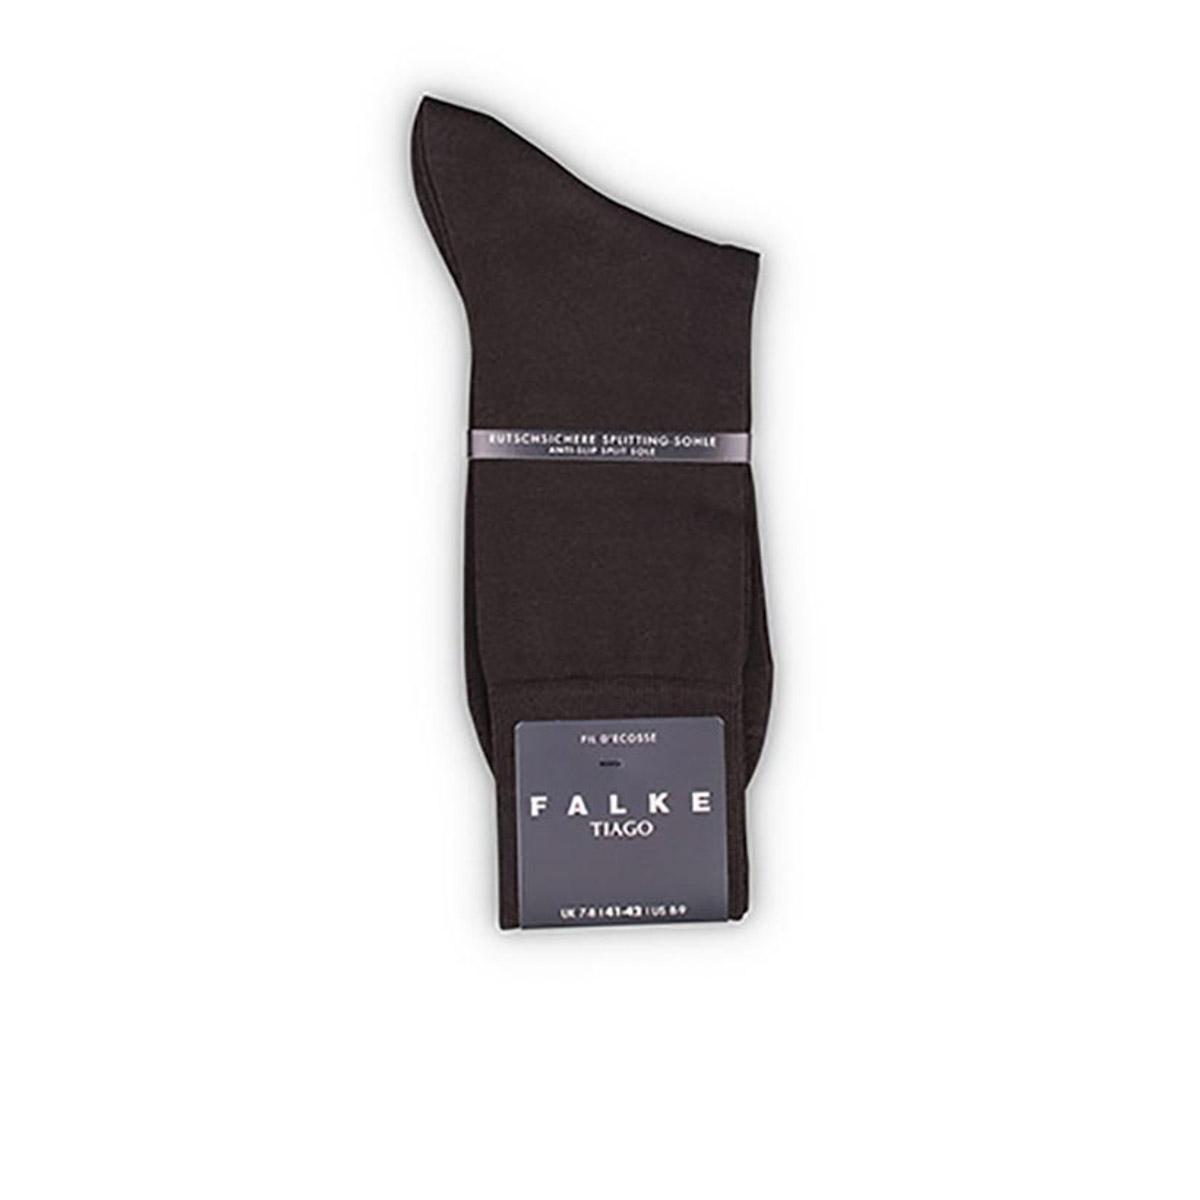 Κάλτσες ανδρικές Falke Μαύρο 14662-TIAGO